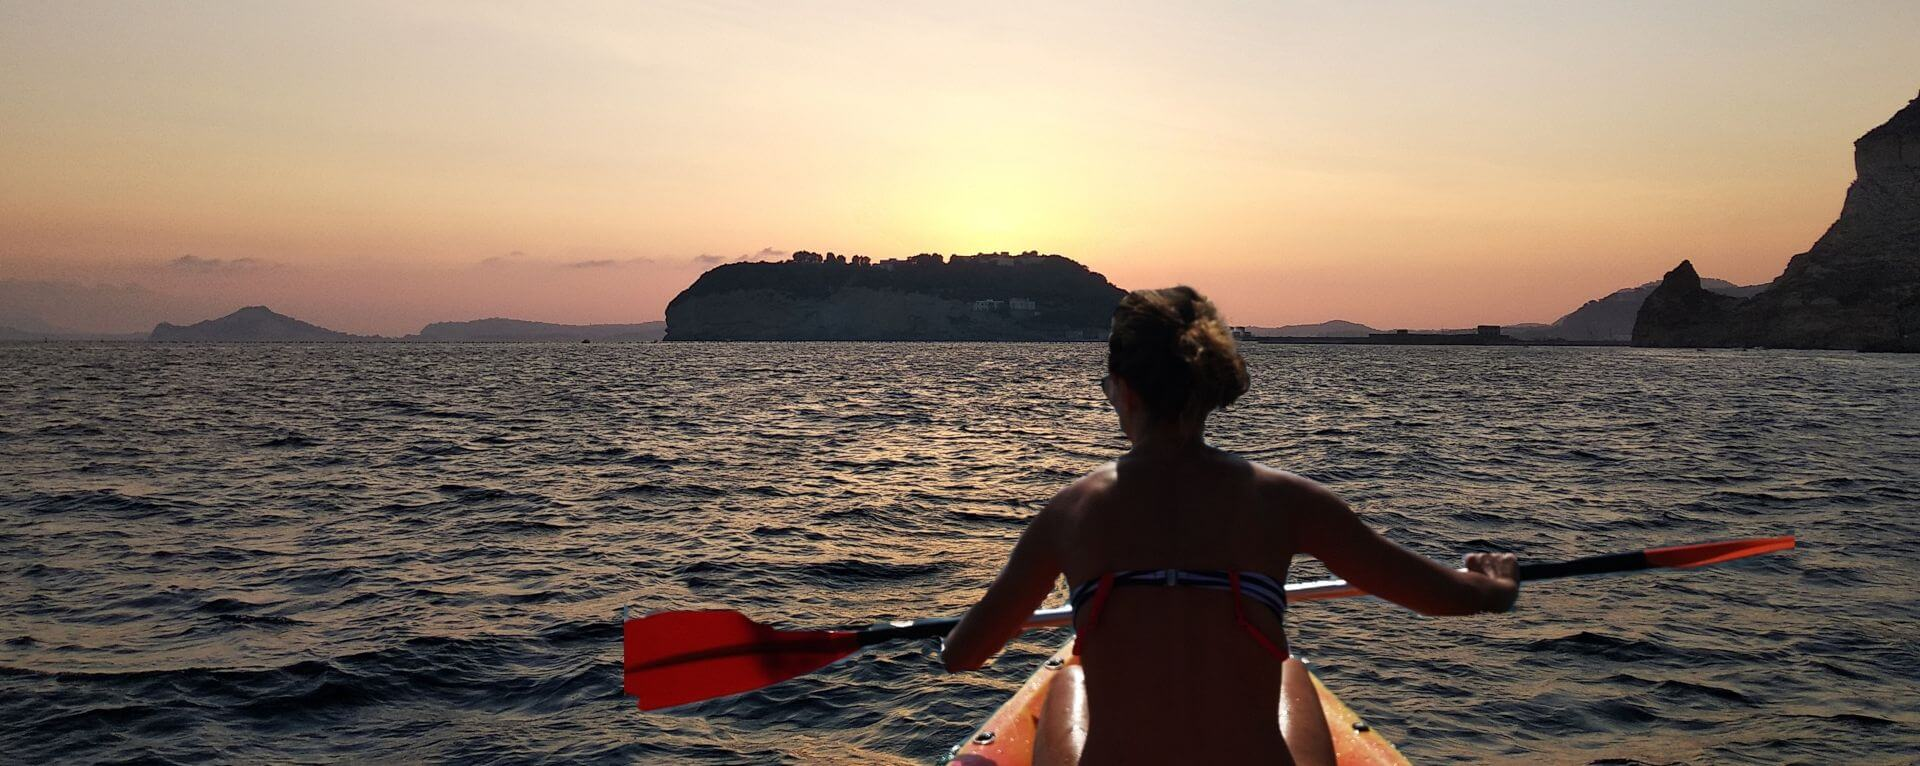 Ragazza in kayak che rema verso il tramonto: Posillipo